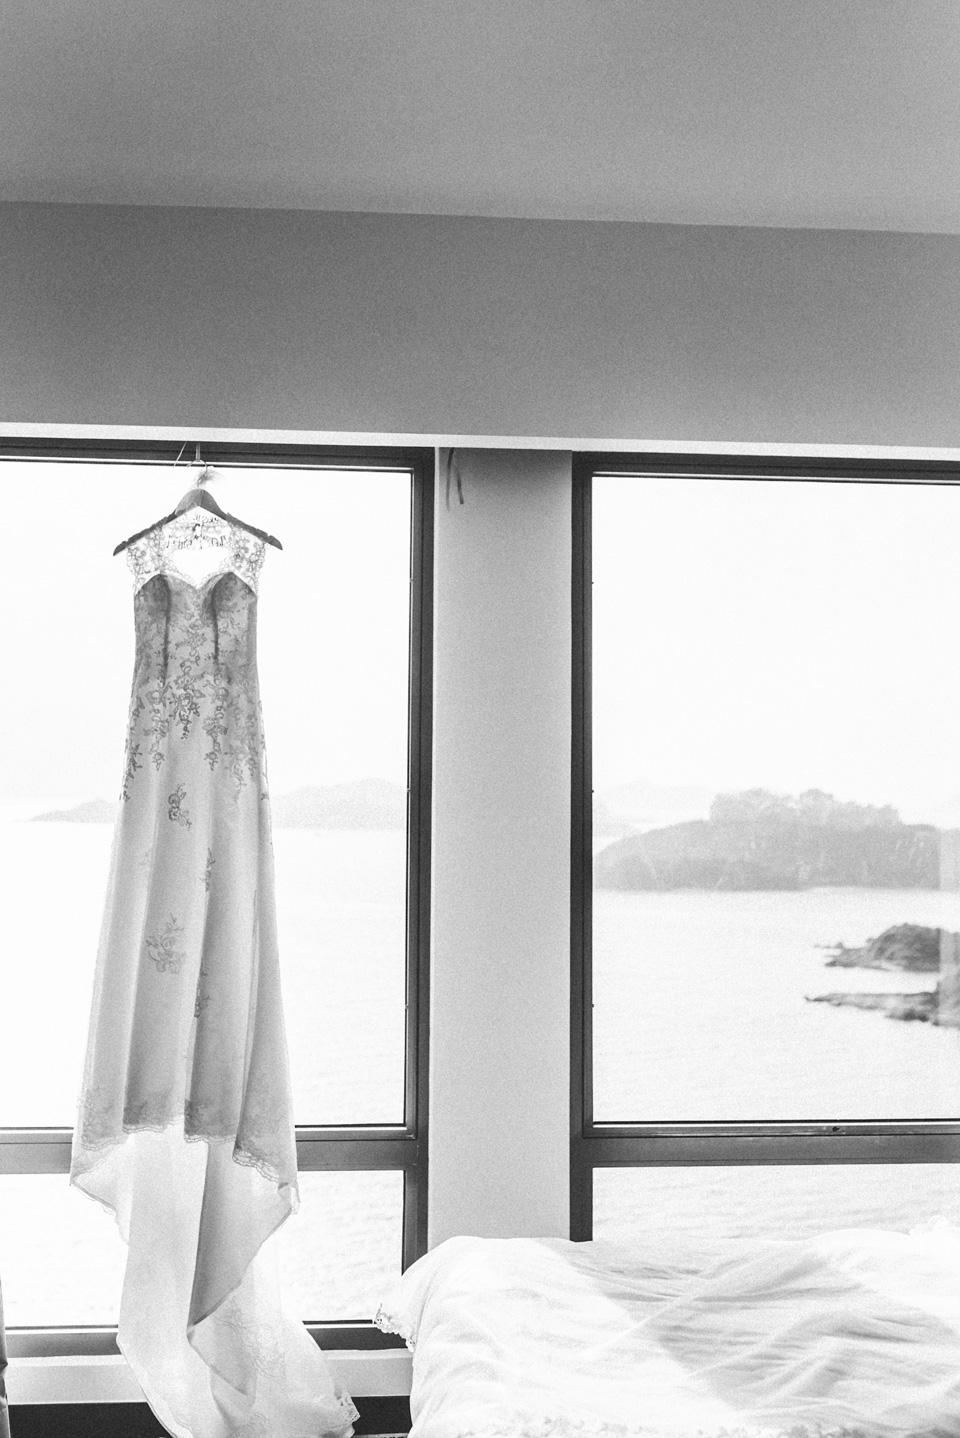 hongkong-wedding-photo-video-12 Kristy & Sam HongKong Wedding Four Saison HKhongkong wedding photo video 12